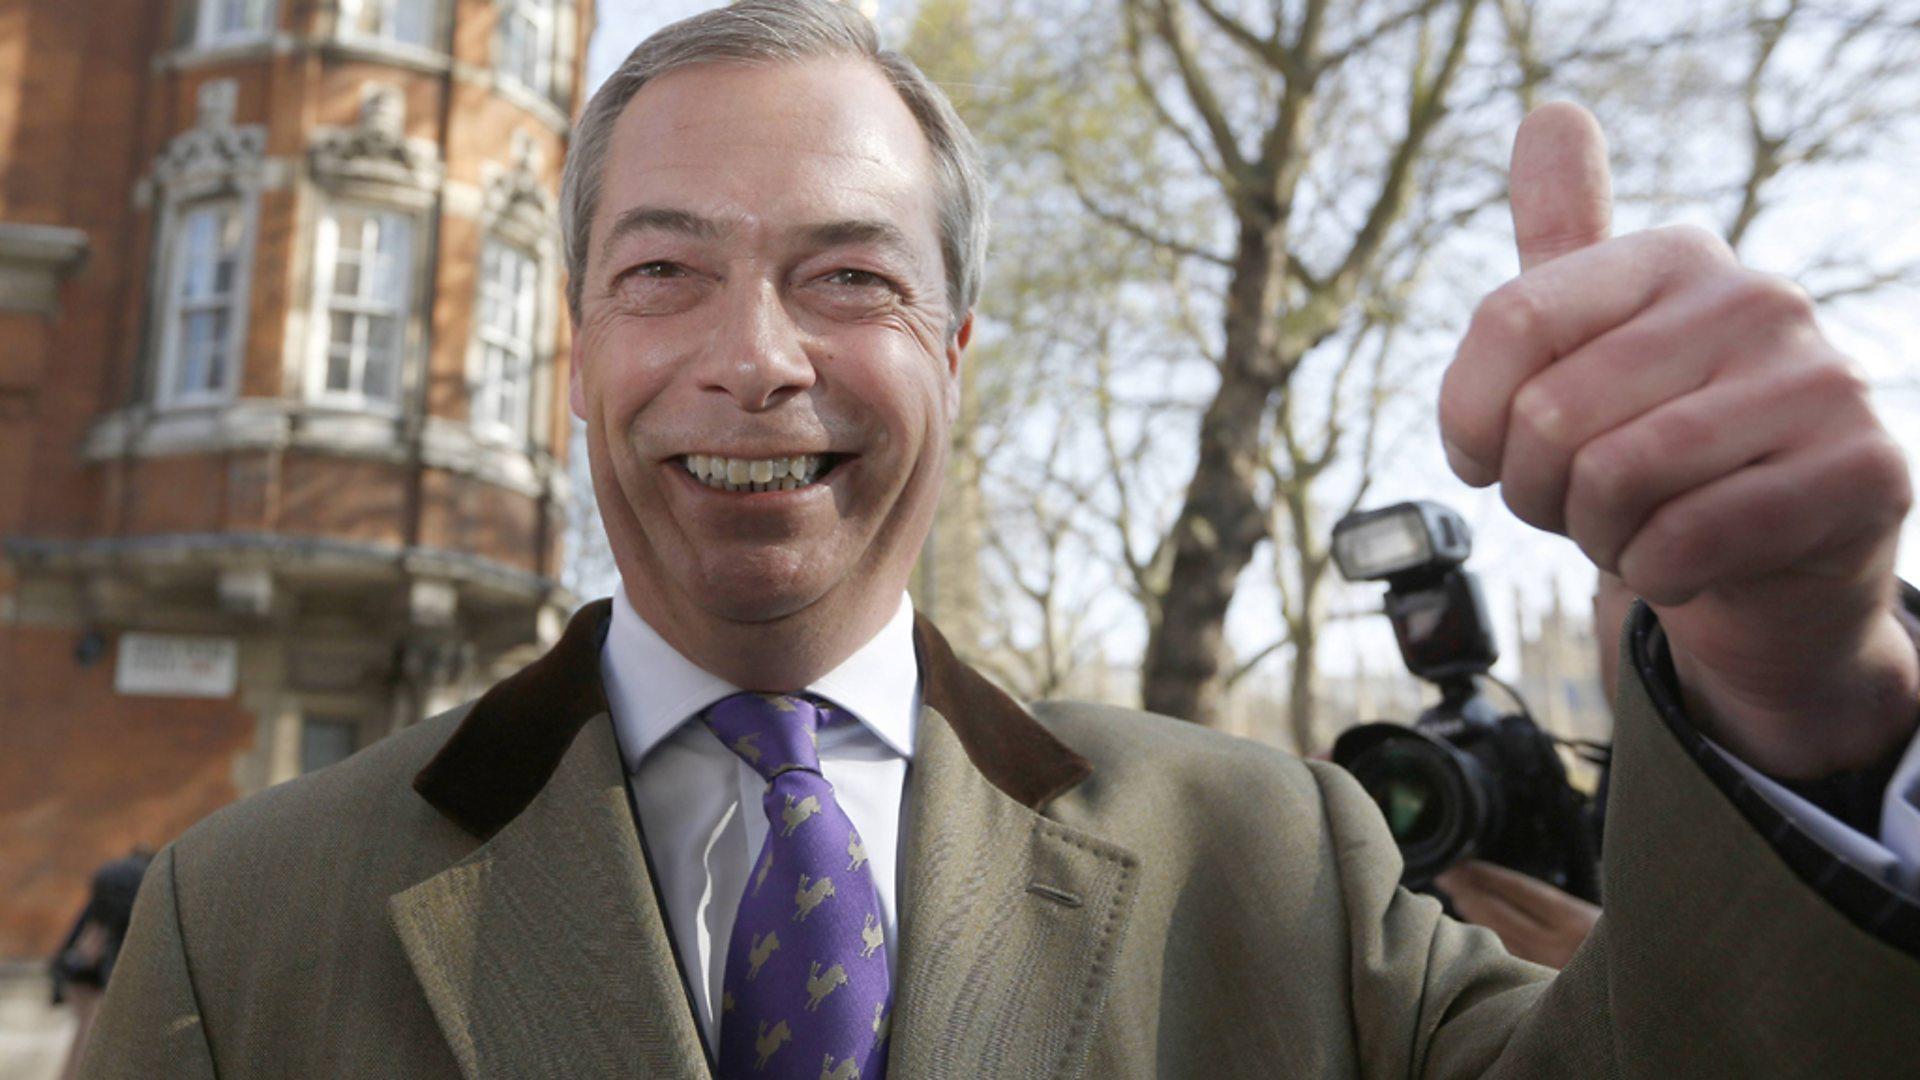 Nuestro histórico voto Brexit ahora podría revertirse, admite Nigel Farage